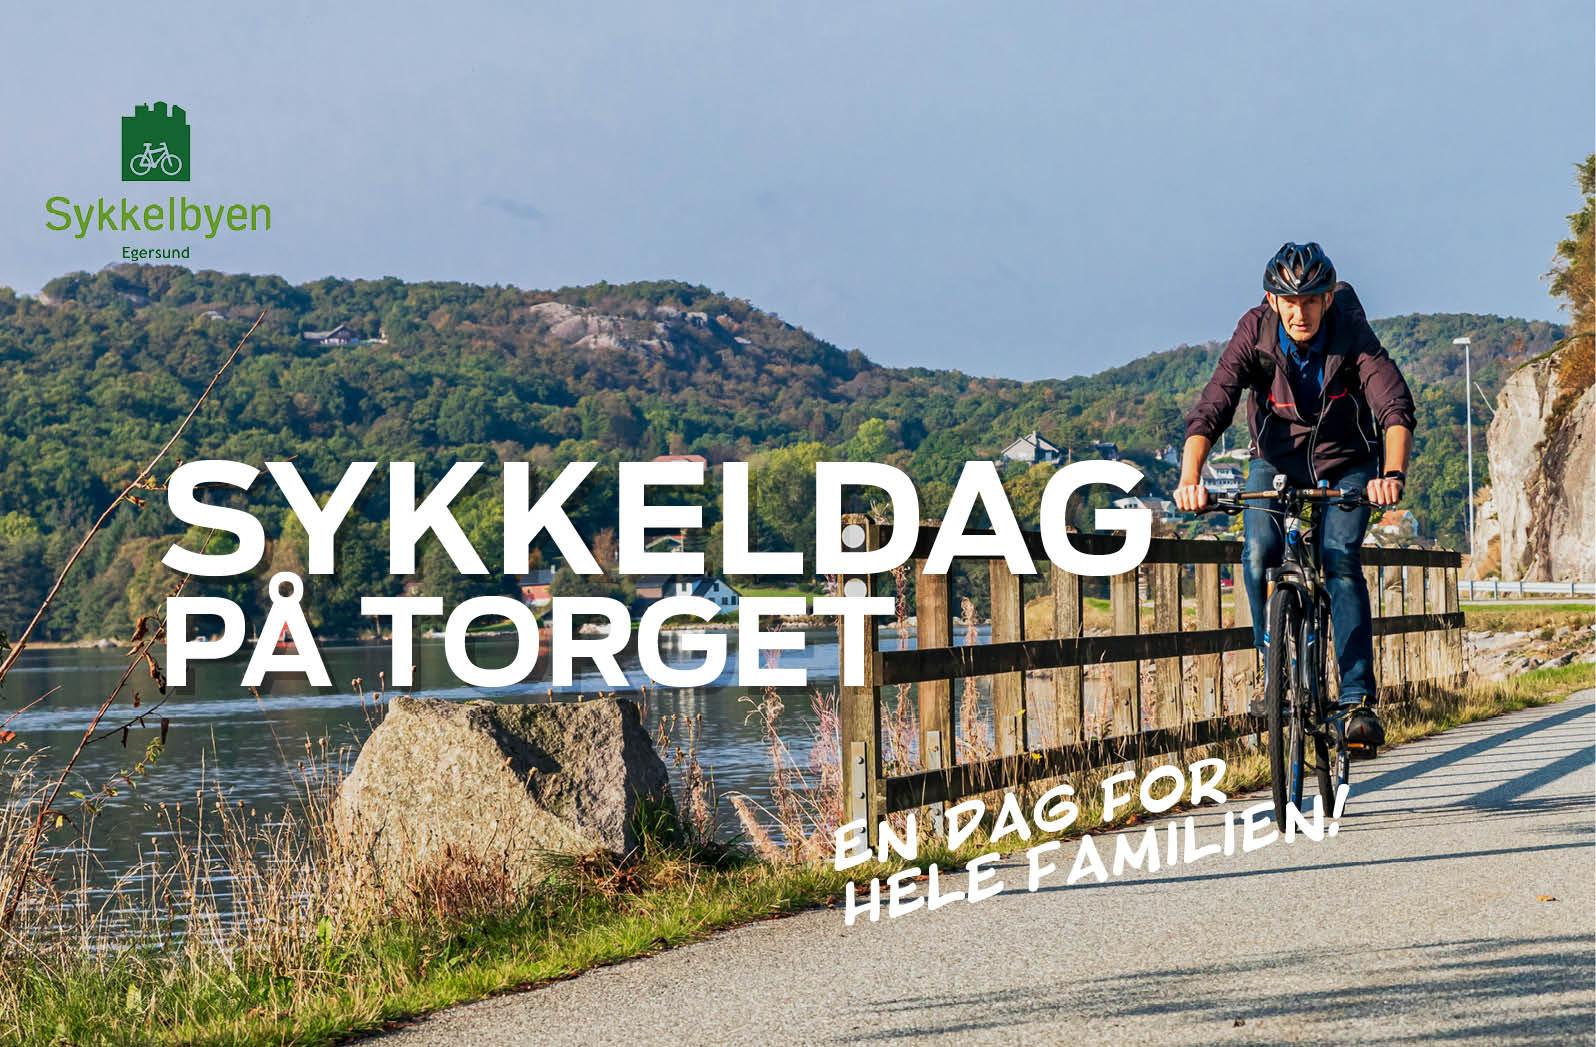 sykkeldag egersund